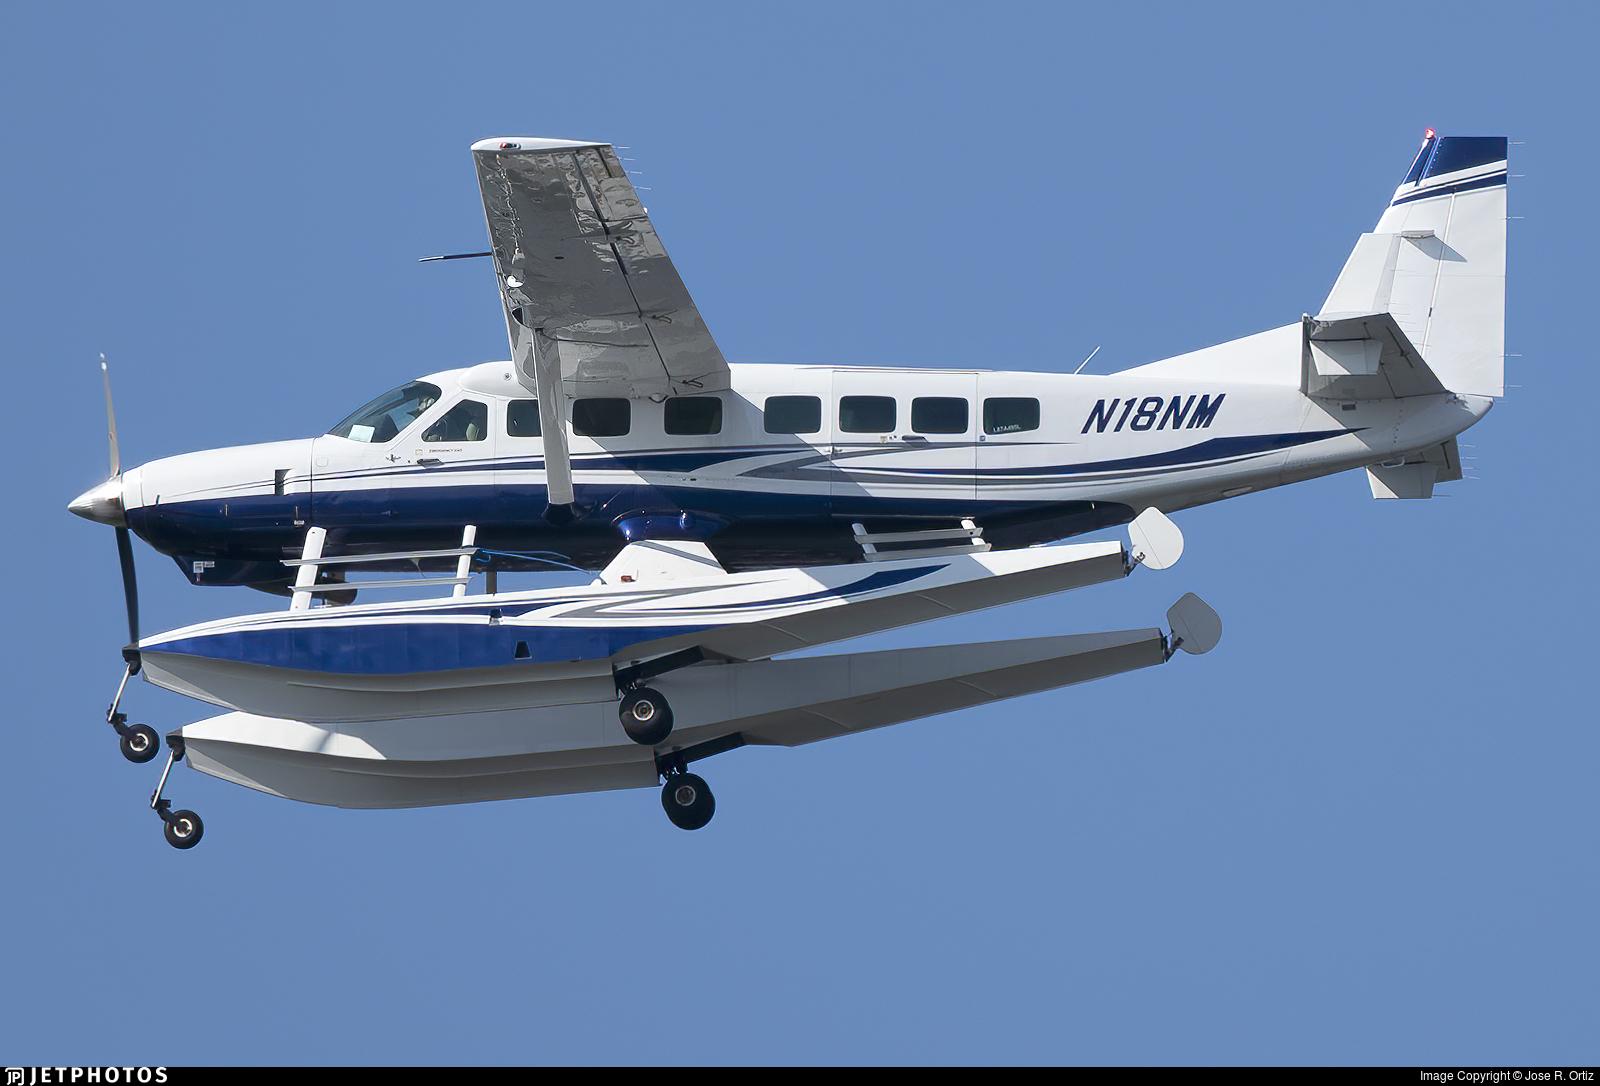 N18NM - Cessna 208B Grand Caravan EX - Private